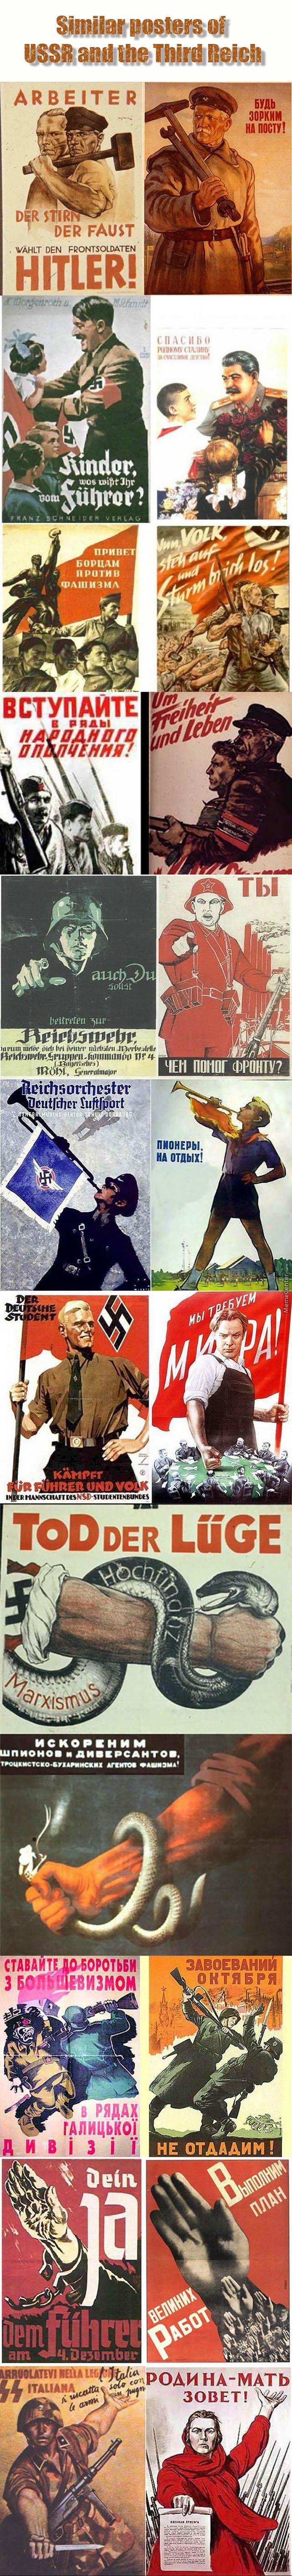 nazi-russian-propaganda-posters-comparison-2